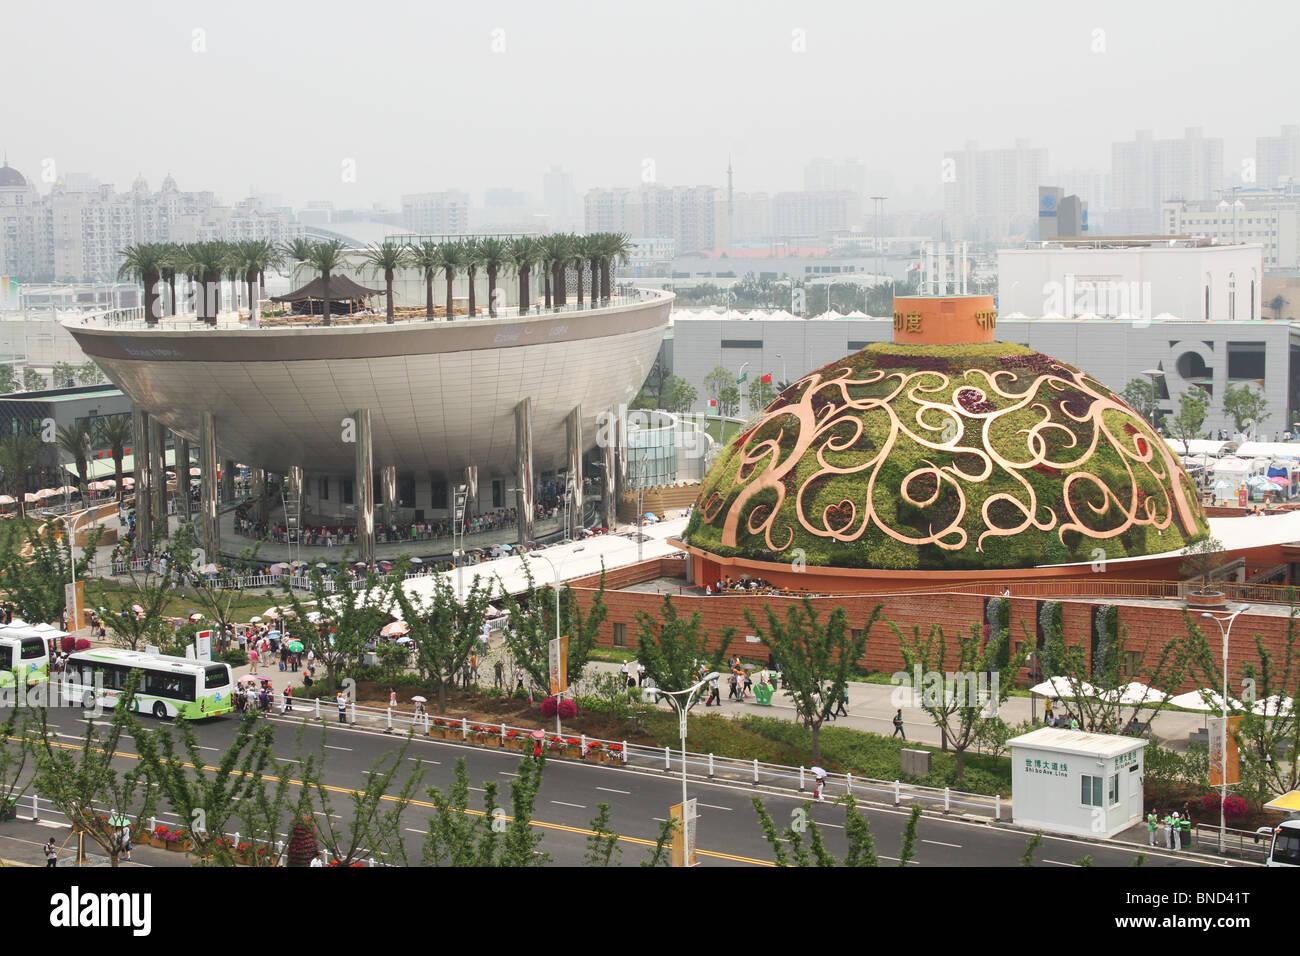 Arabia Saudita Pavilion con fecha palmeras plantadas en la parte superior. La India pabellón al lado. Imagen De Stock